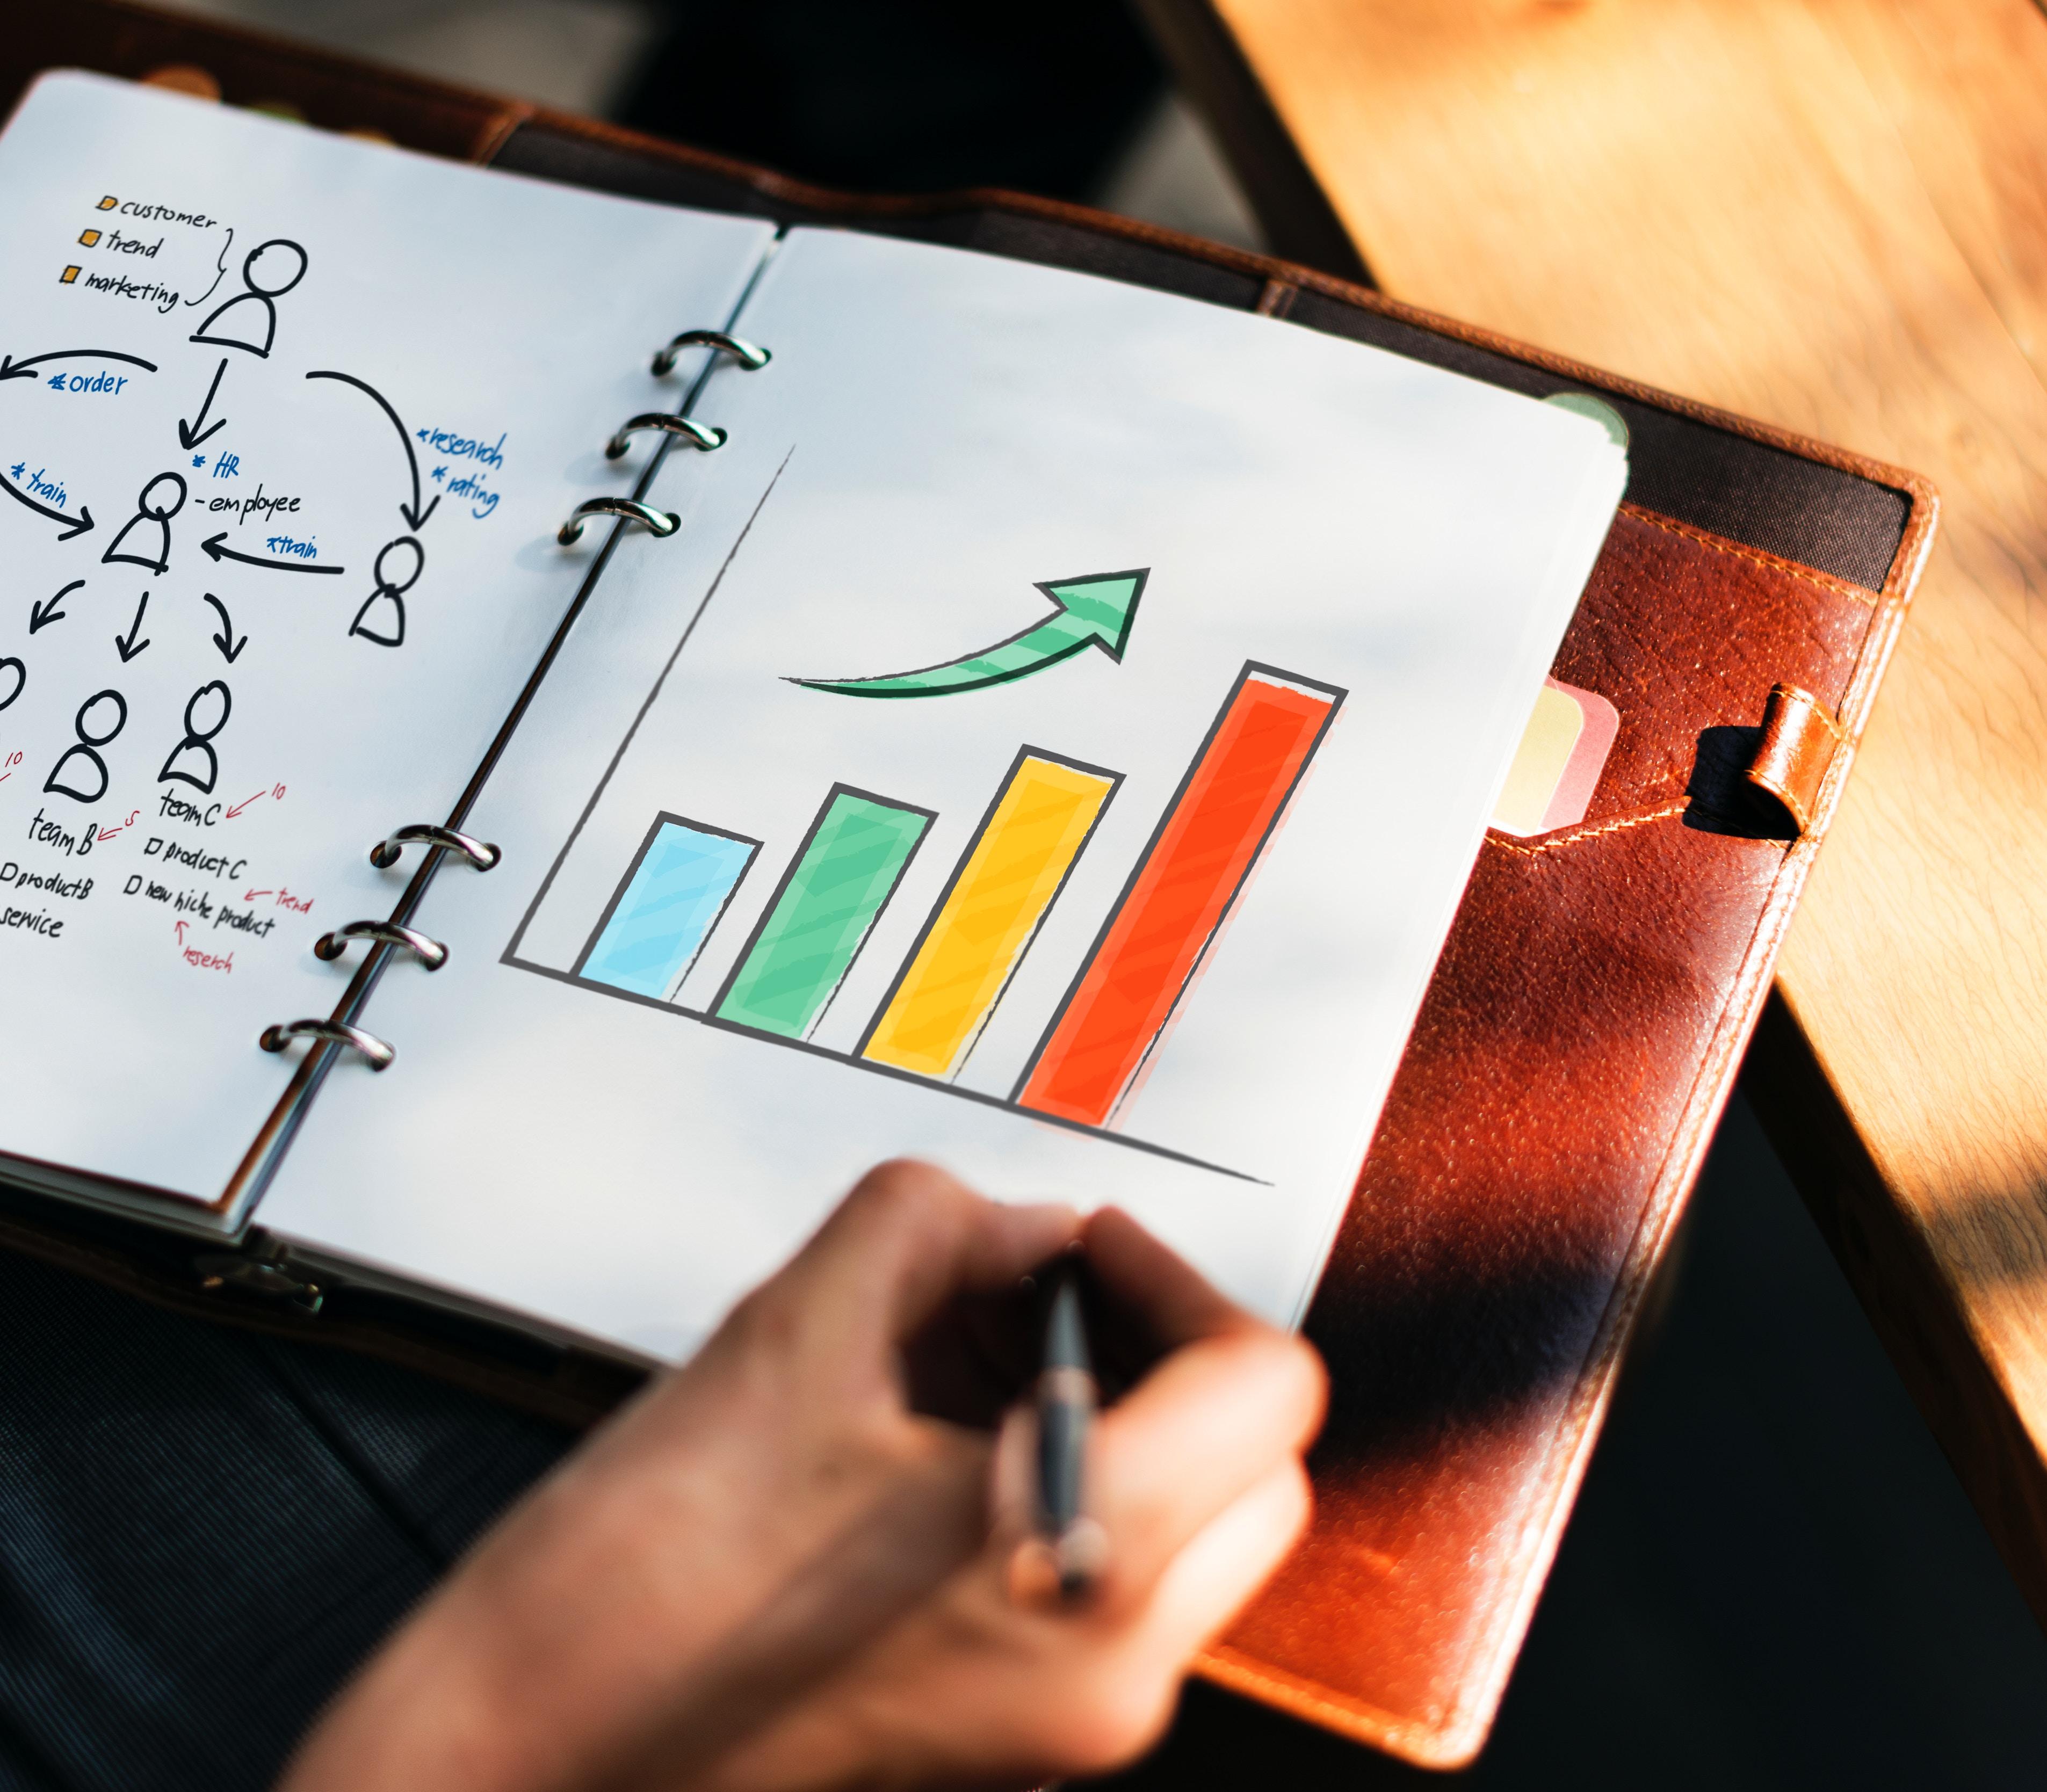 a binder with a bar graph going upward.